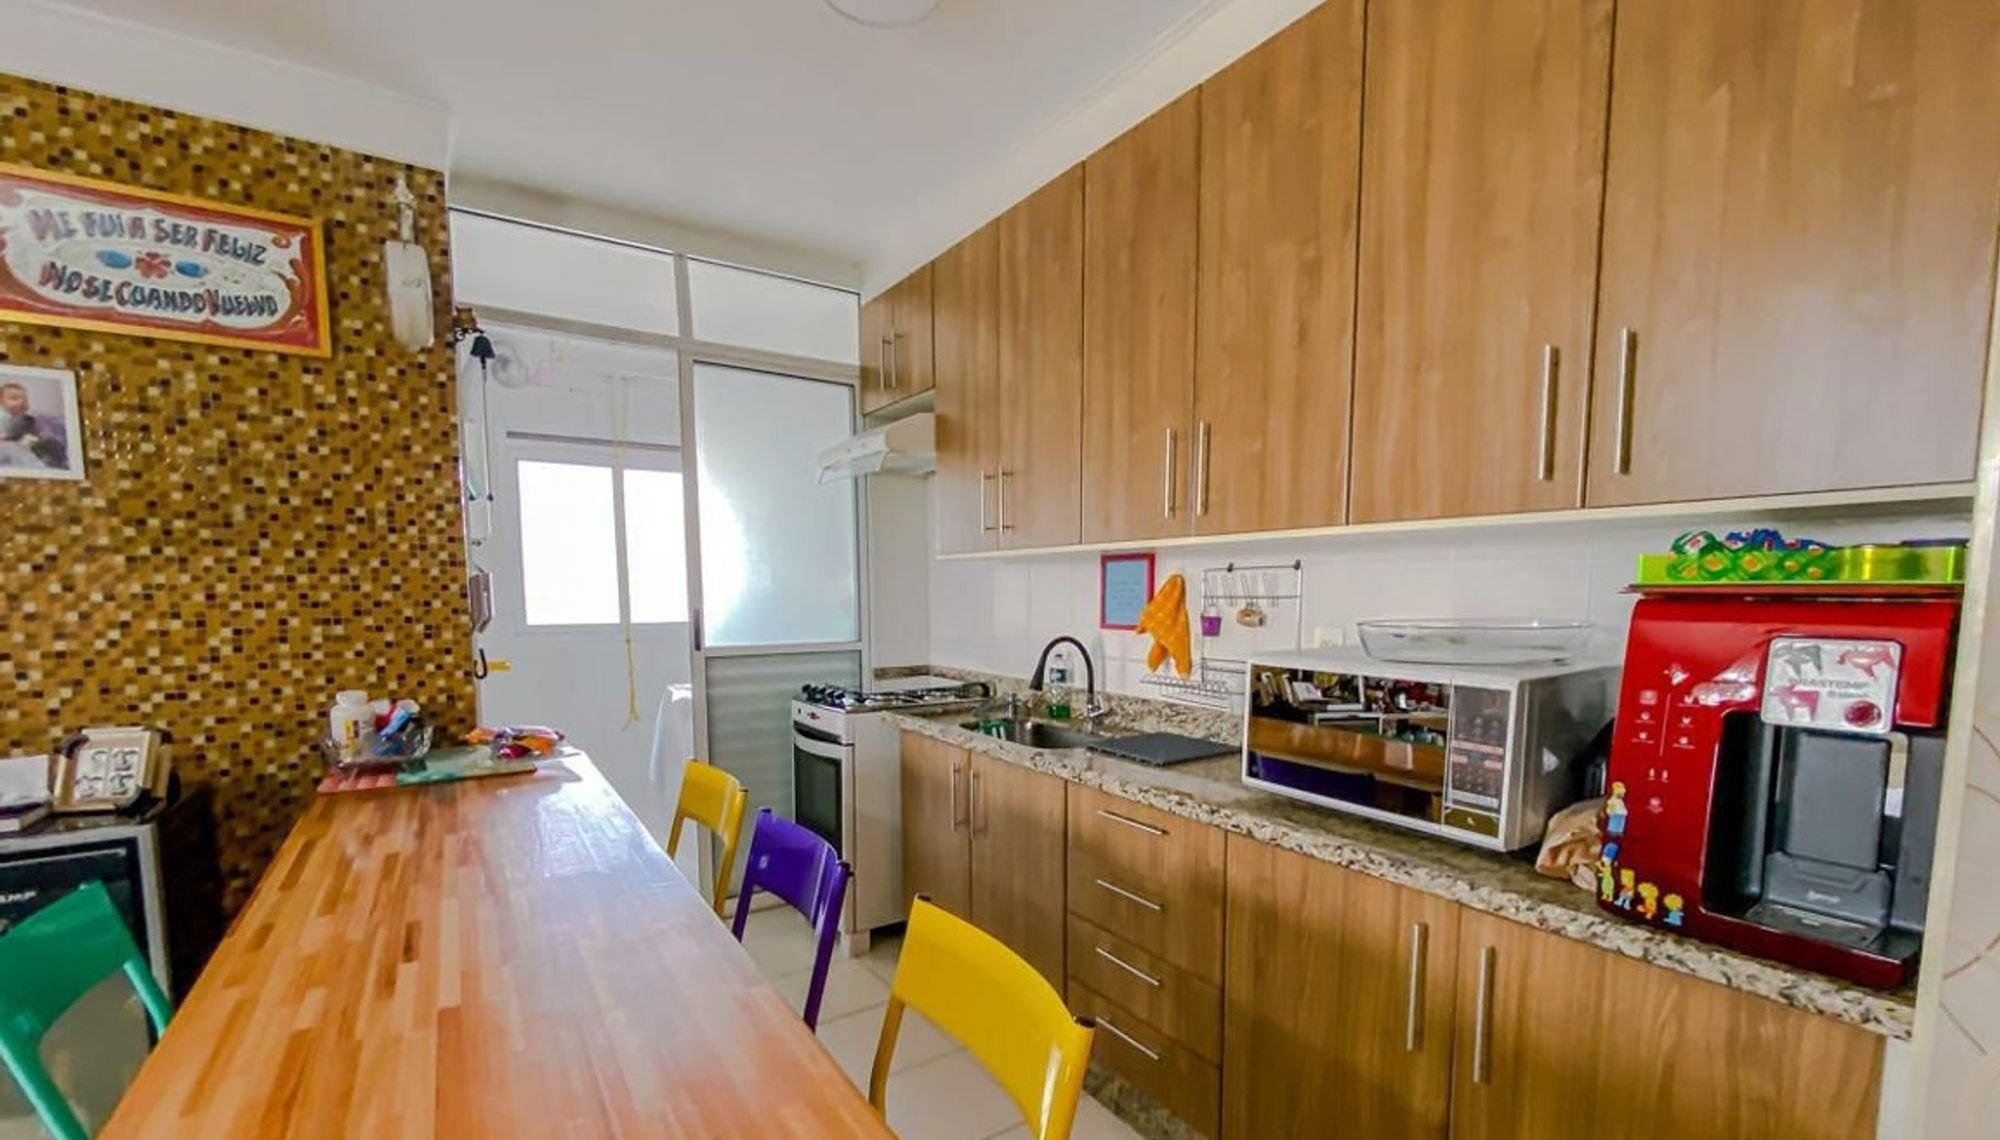 Foto de Cozinha com pia, cadeira, mesa de jantar